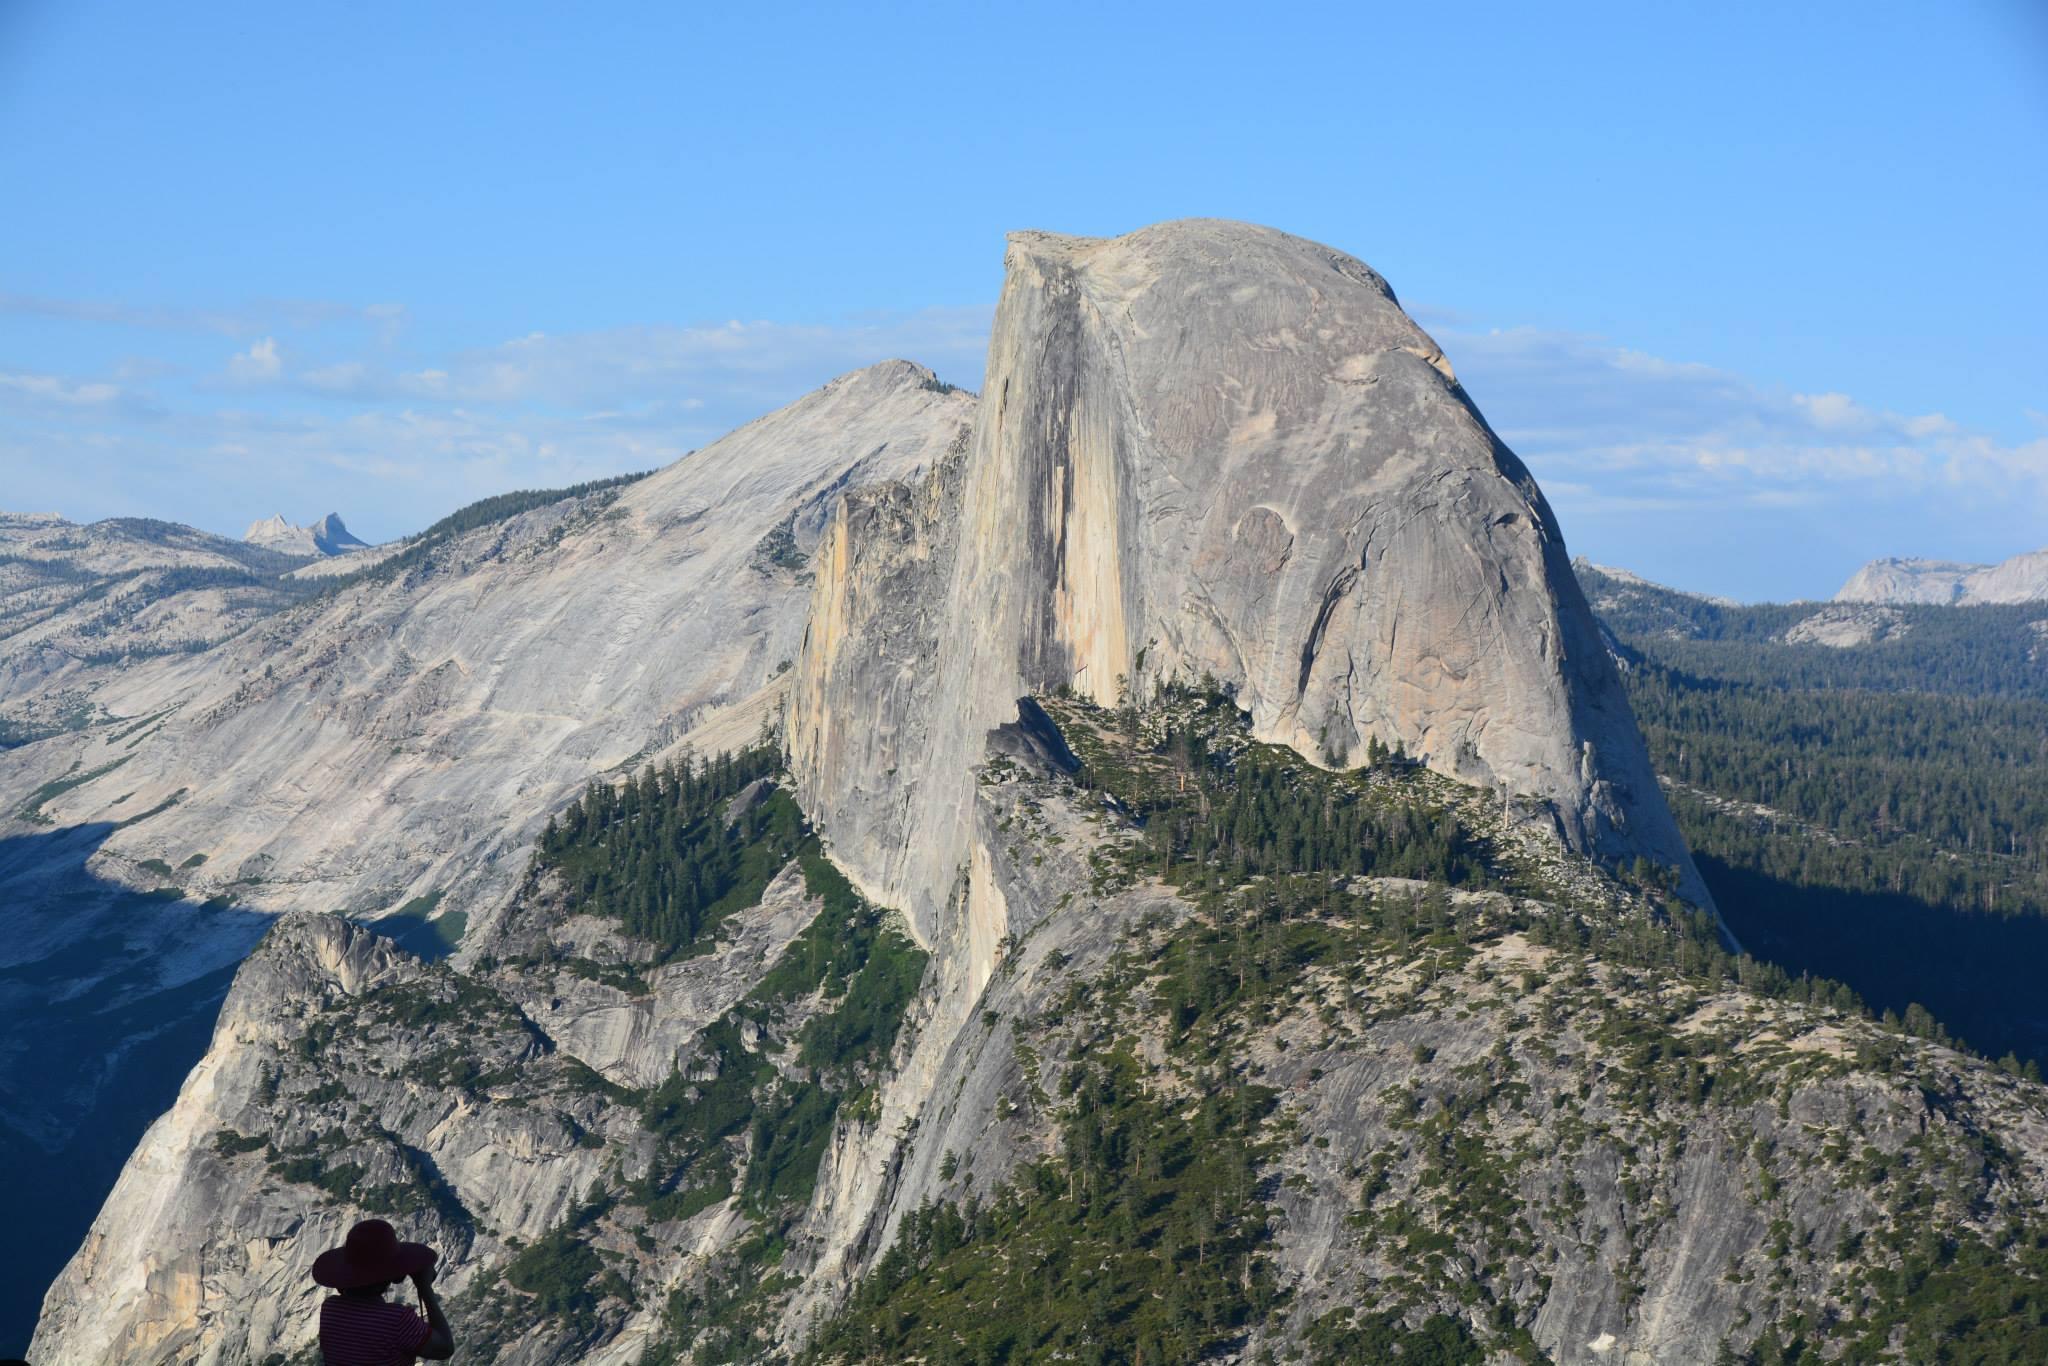 Half Dome צוק מדהים אשר כאילו נחתך באמצע שלו